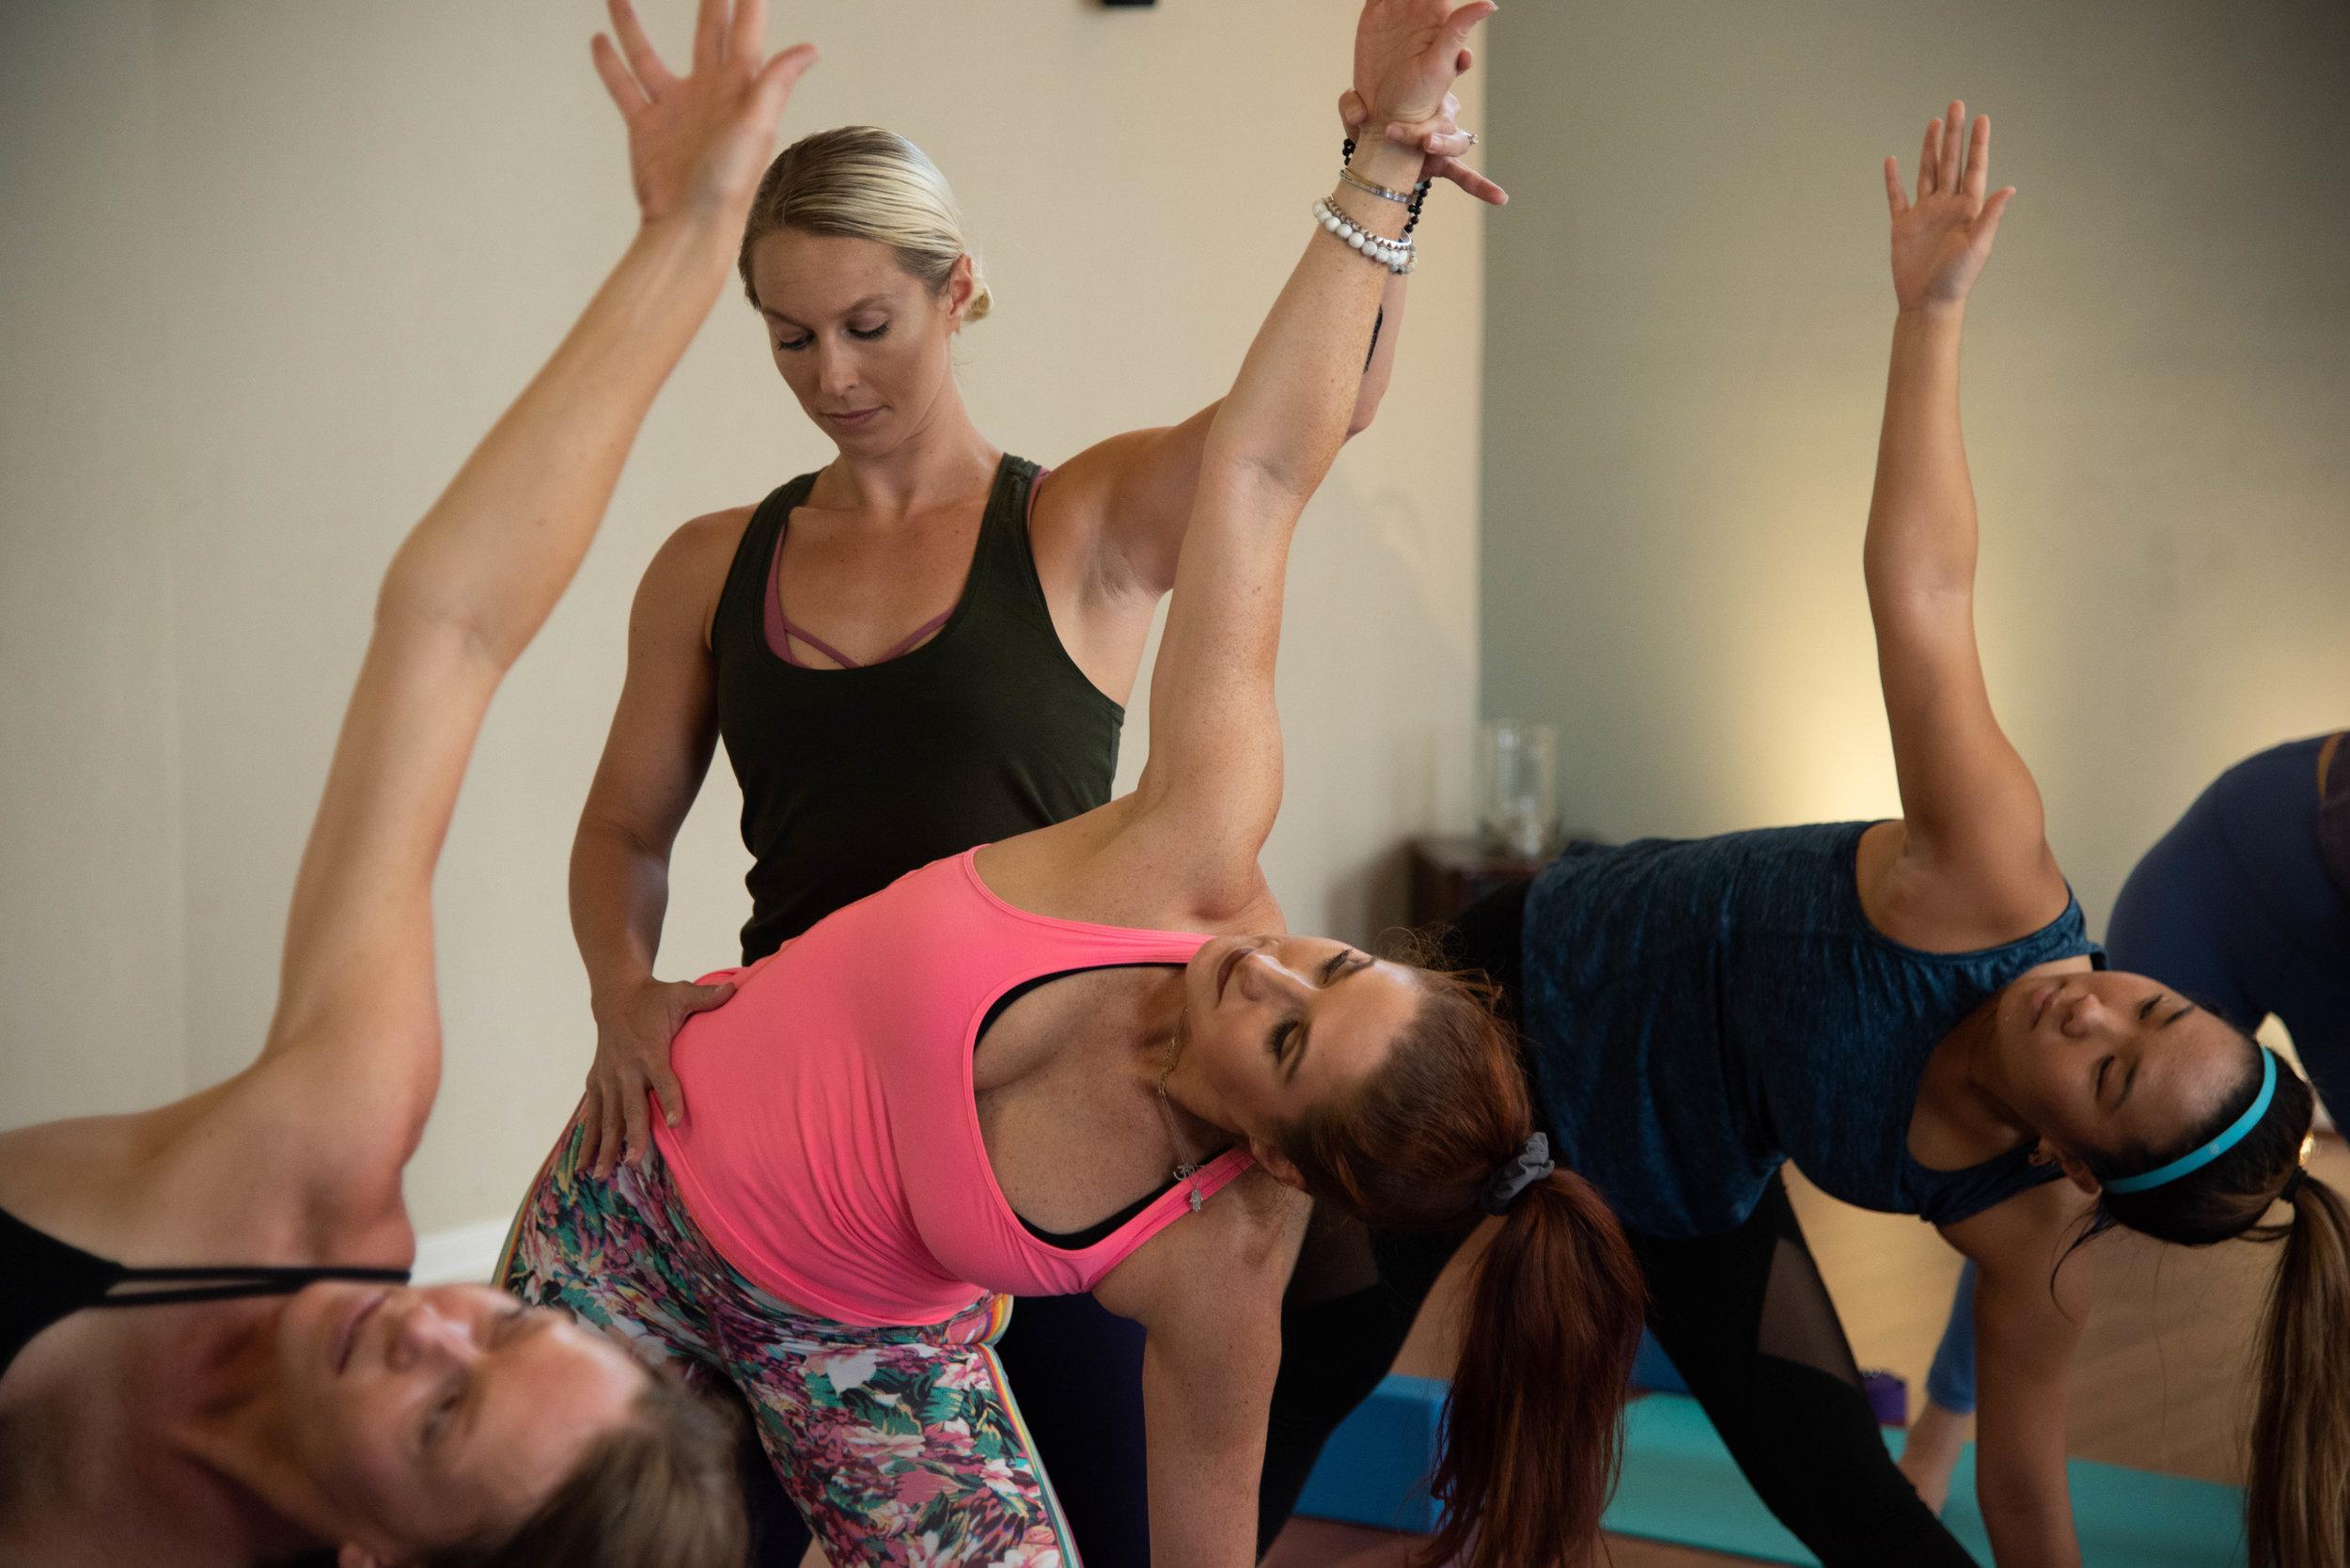 yogaworks shoot 18.jpg